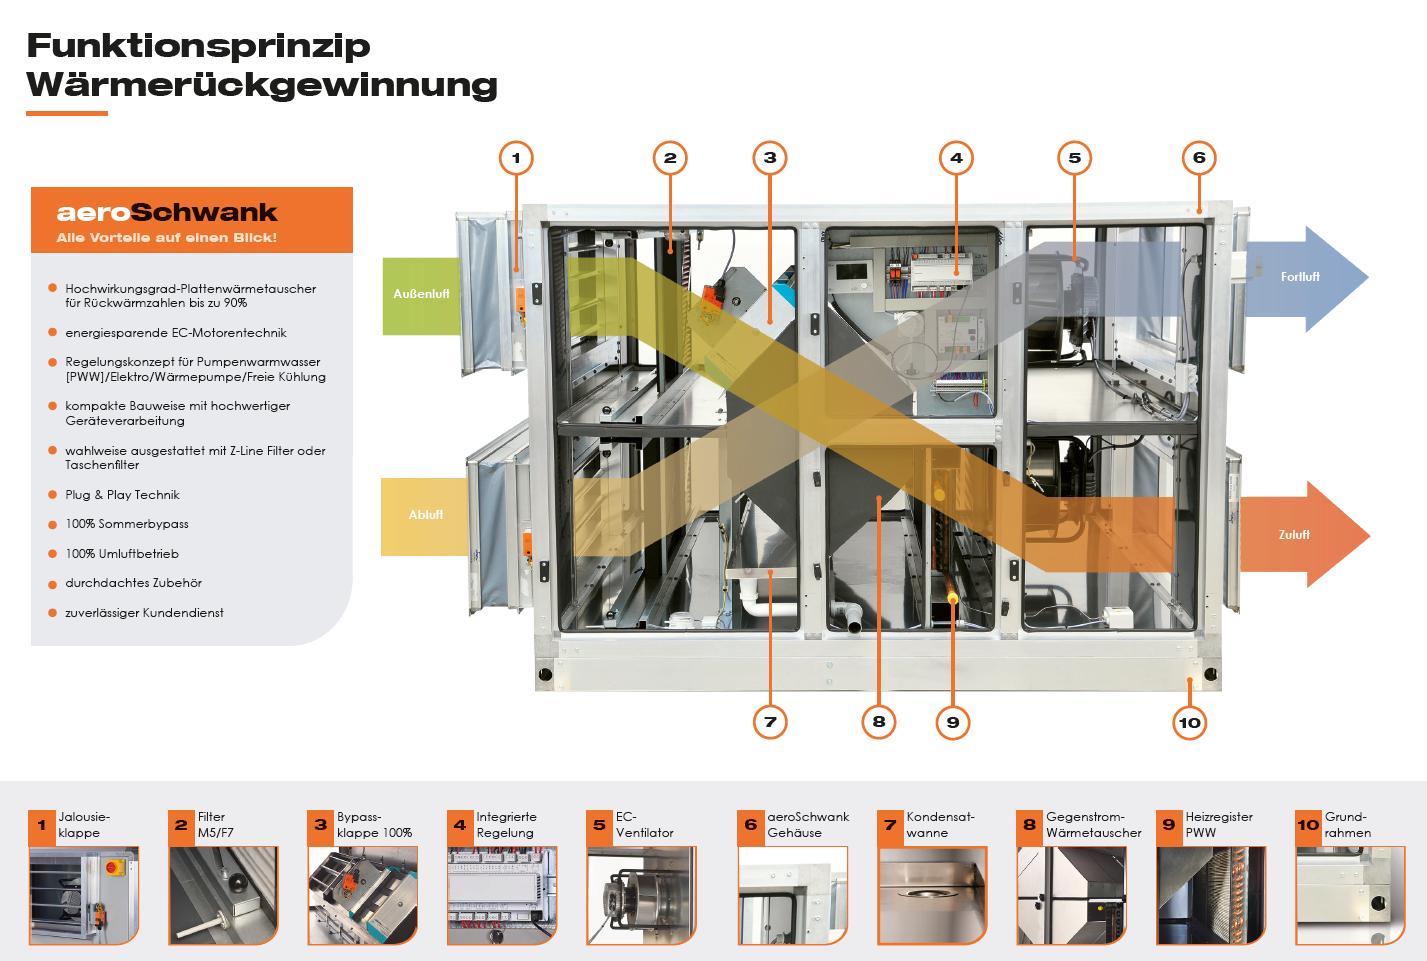 Grafik, die das Funktionsprinzip der Wärmerückgewinnung in RLT-Geräten veranschaulicht.